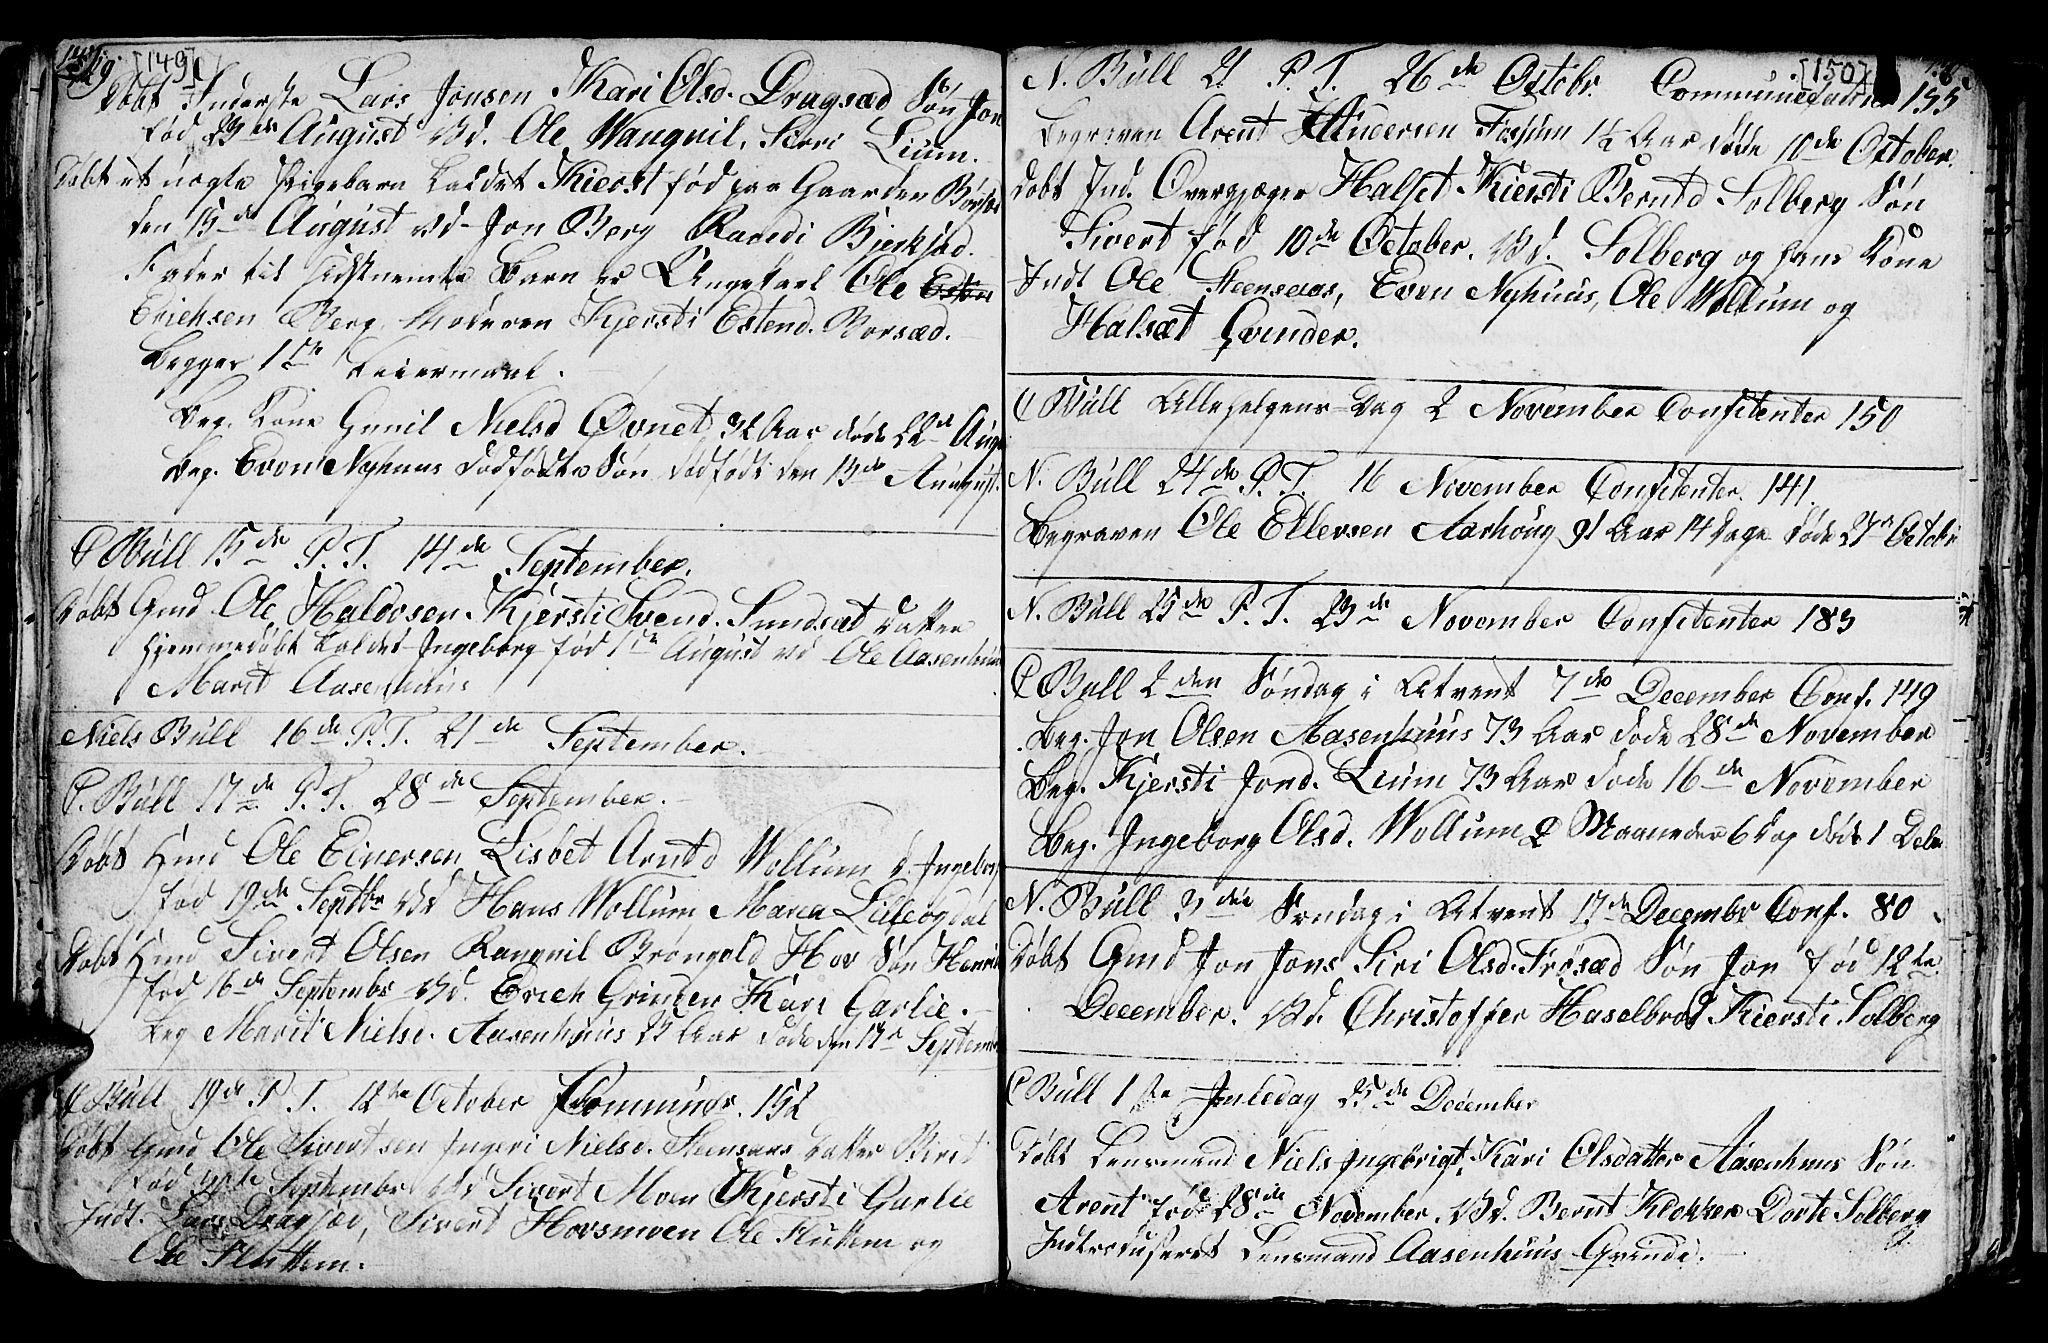 SAT, Ministerialprotokoller, klokkerbøker og fødselsregistre - Sør-Trøndelag, 689/L1042: Klokkerbok nr. 689C01, 1812-1841, s. 149-150